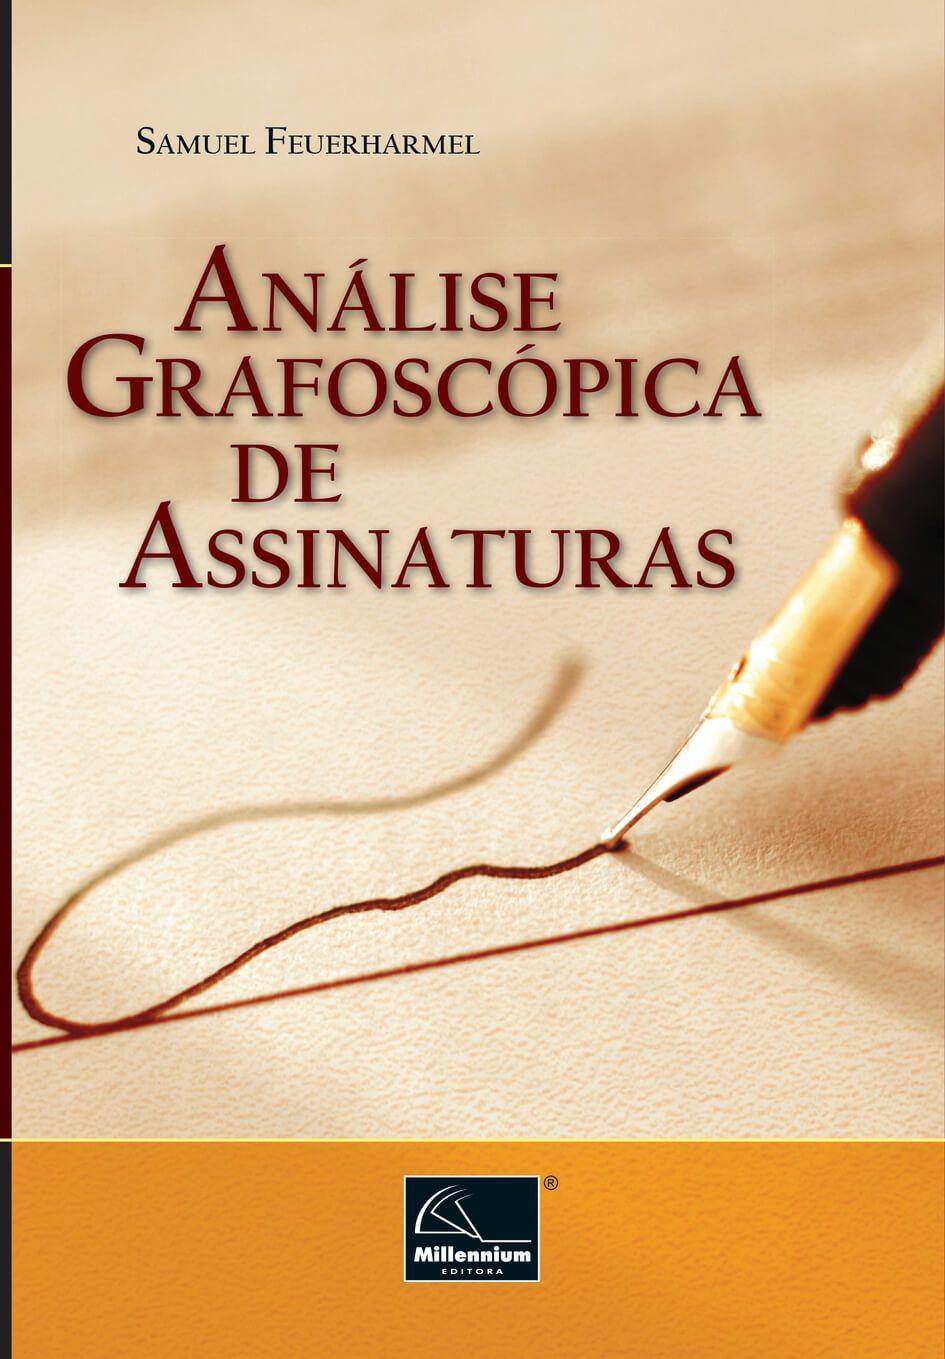 Analise Grafoscópica de Assinaturas <b>Autor: Samuel Feuerharmel</b>  - Millennium Editora - Livros de Perícia